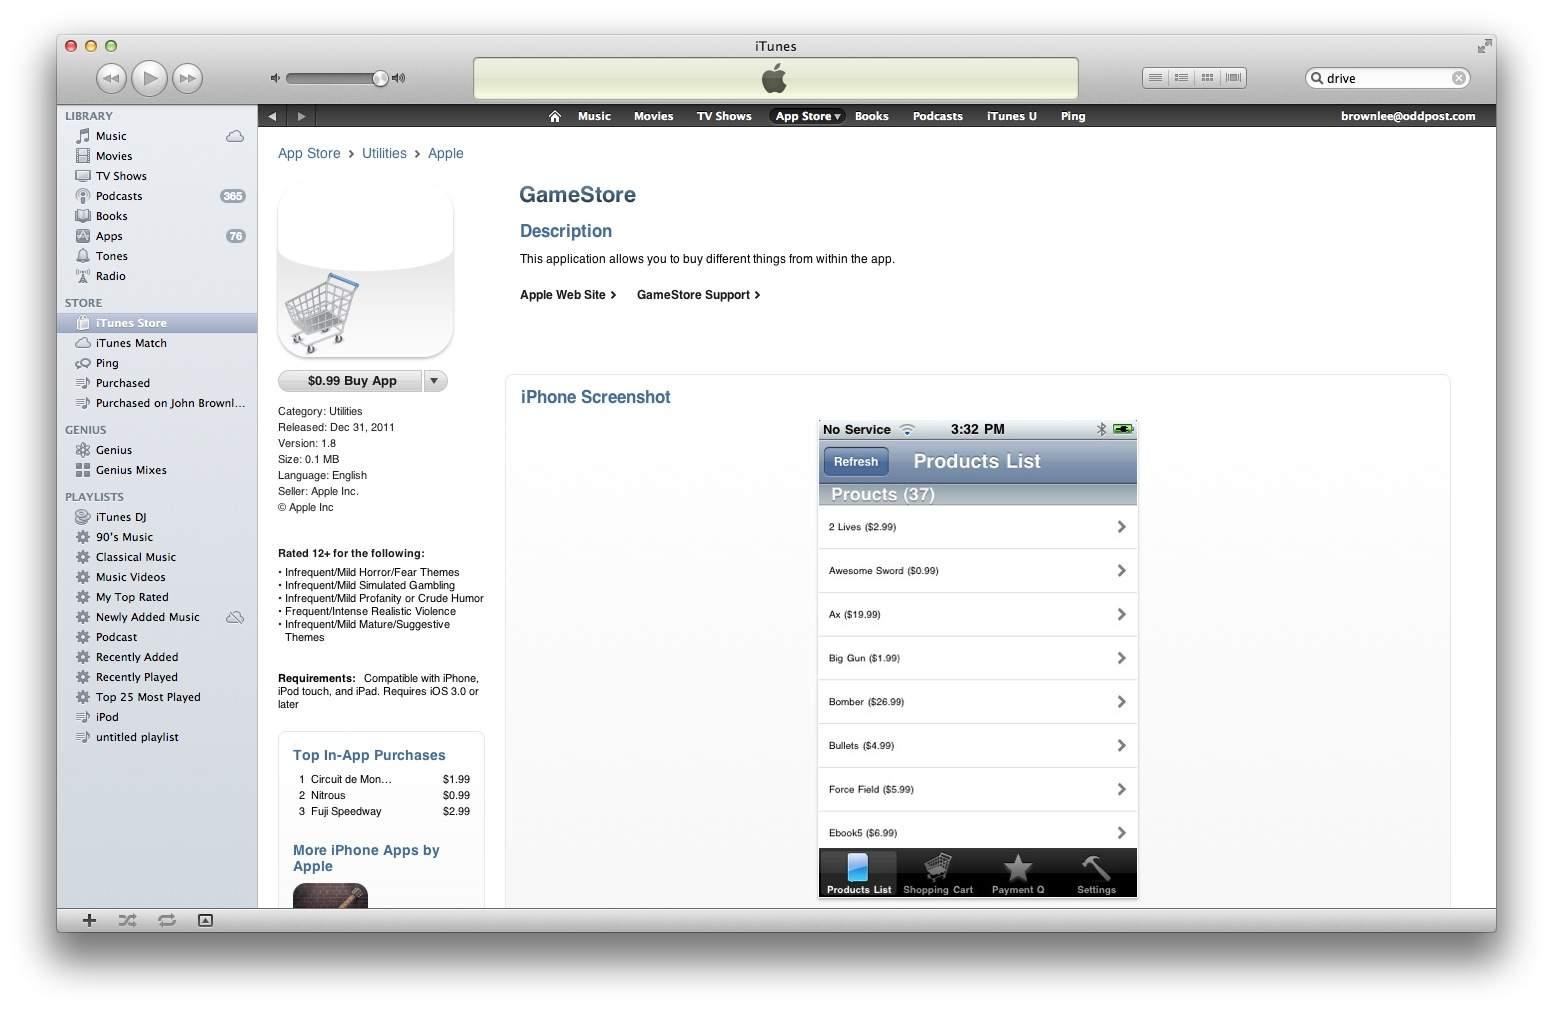 Screen Shot 2012-01-02 at 10.34.08 AM